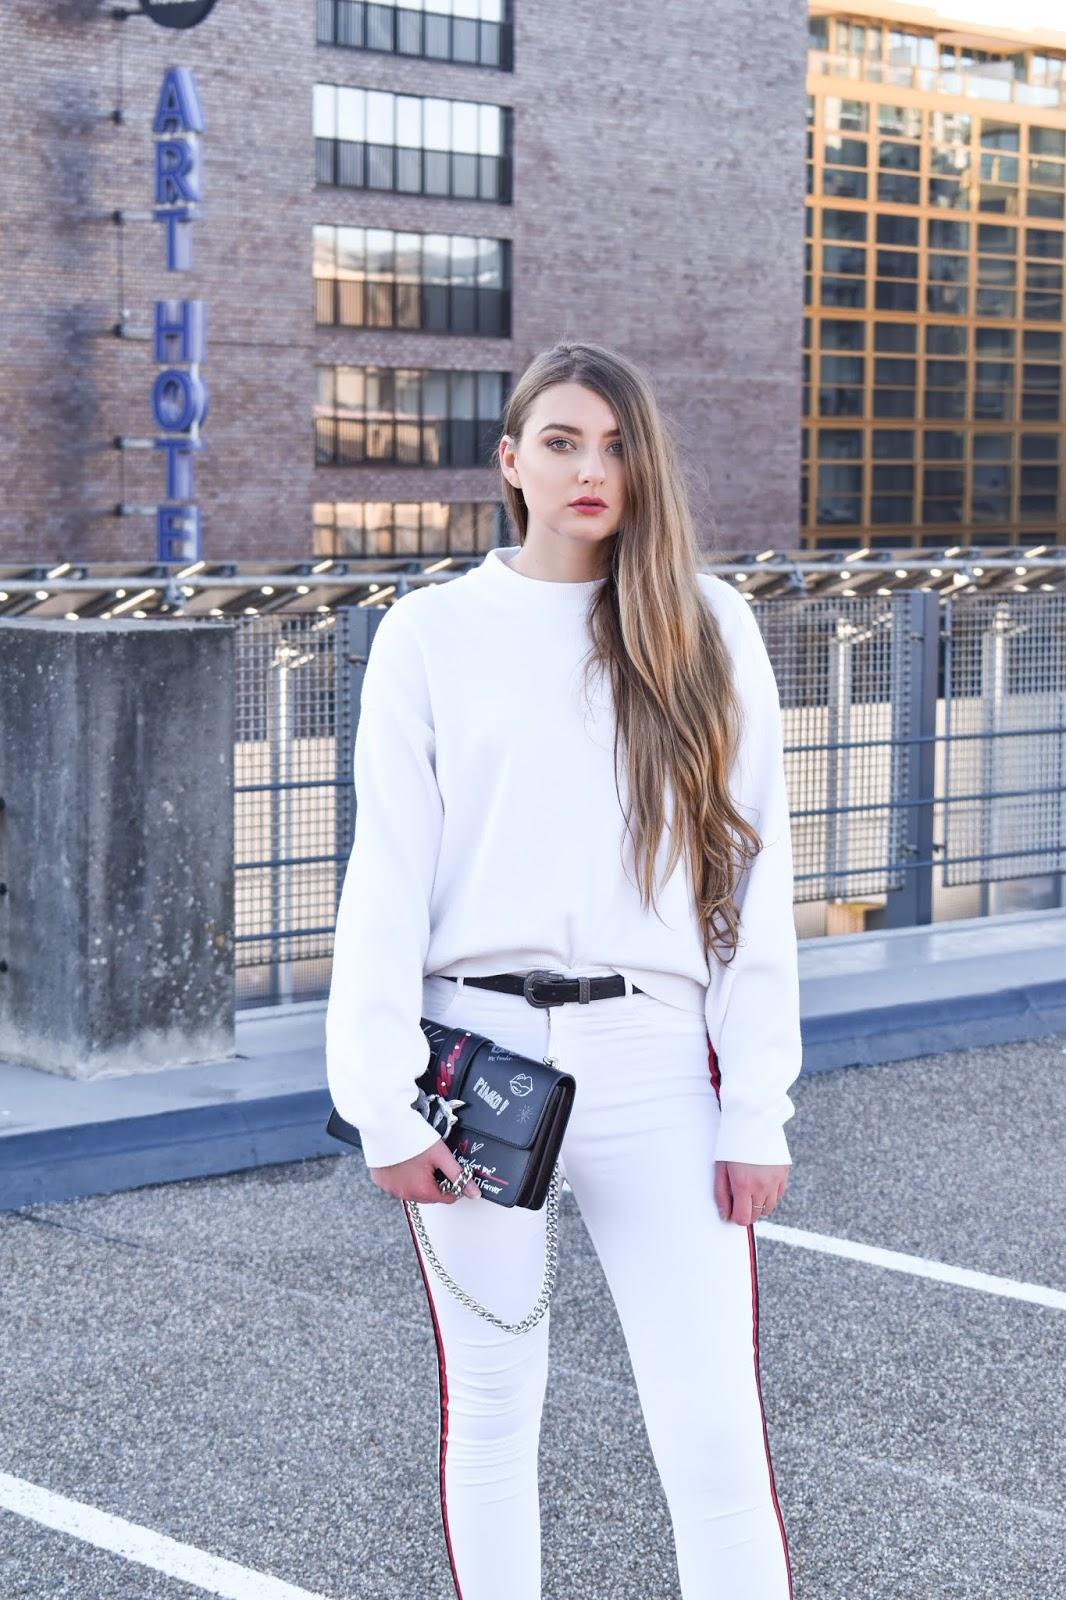 białe spodnie damskie z wysokim stanem